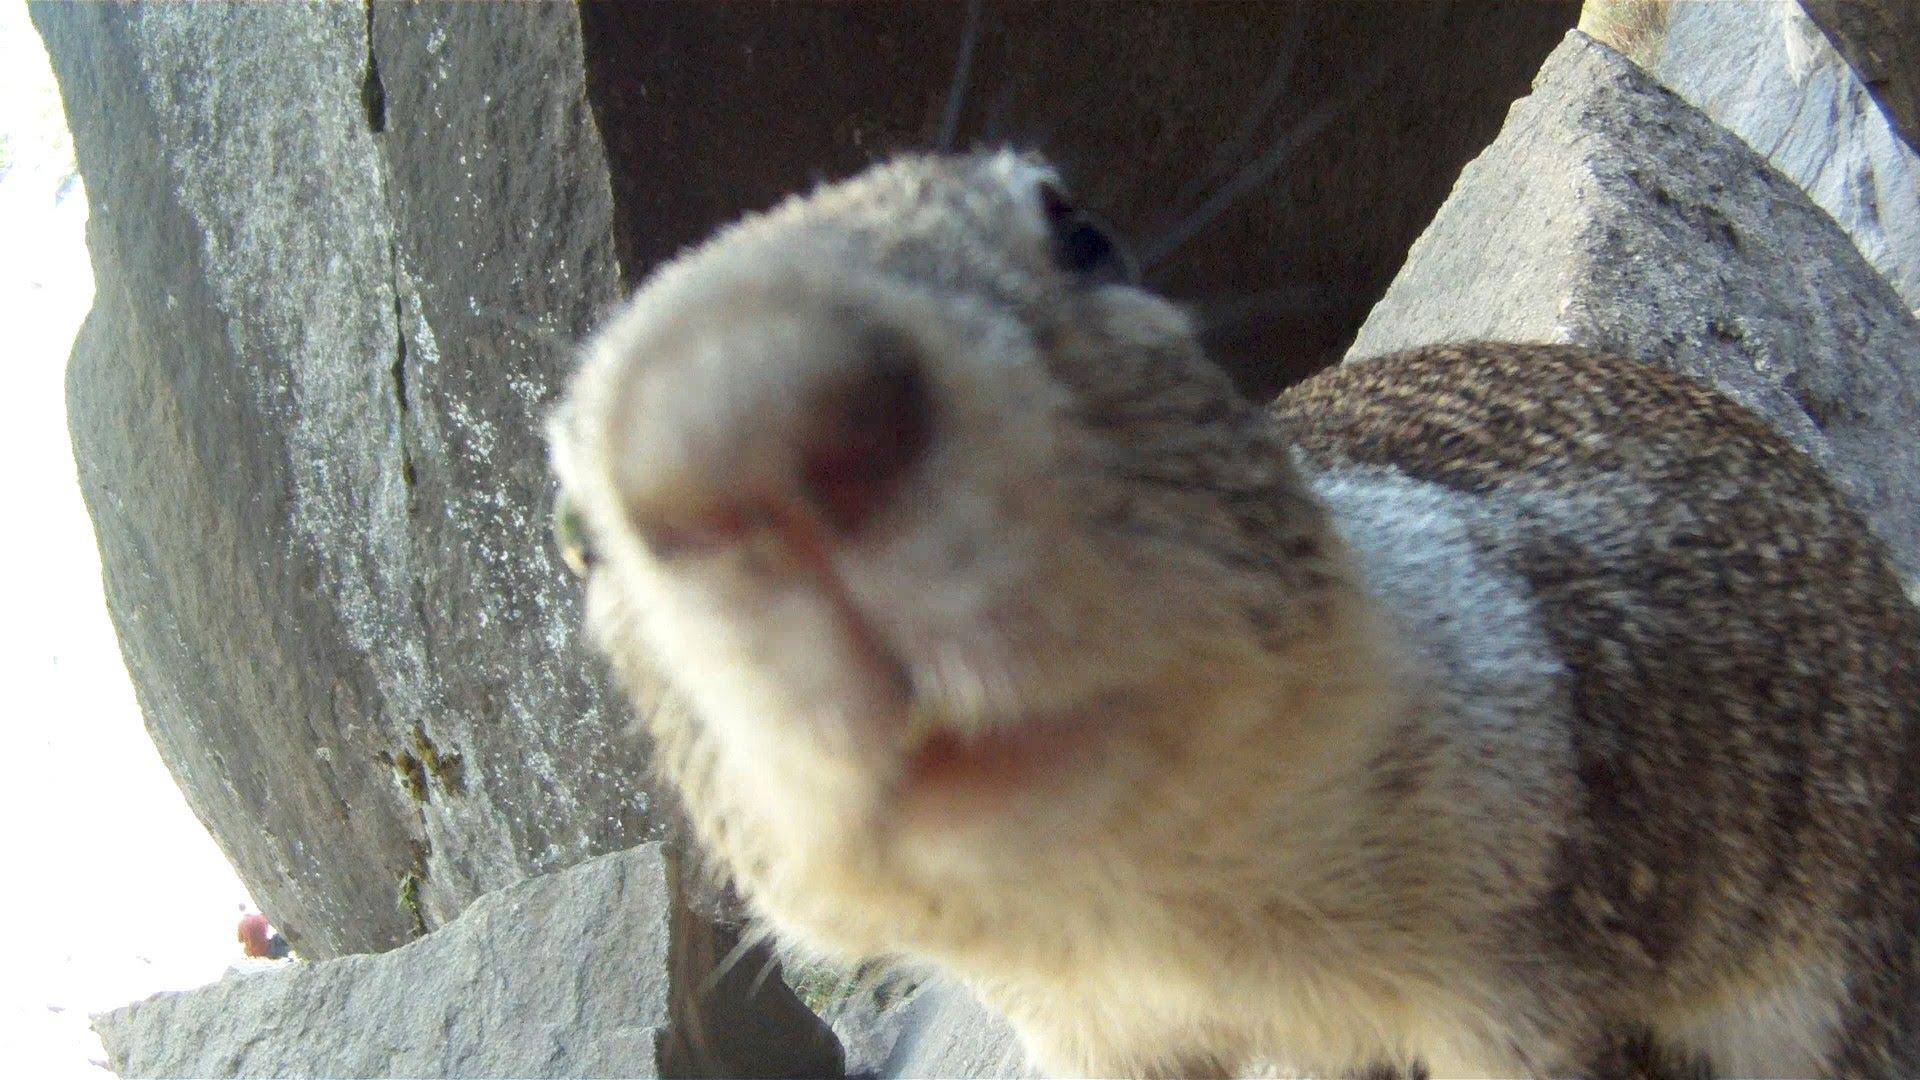 Close-up of squirrel photo